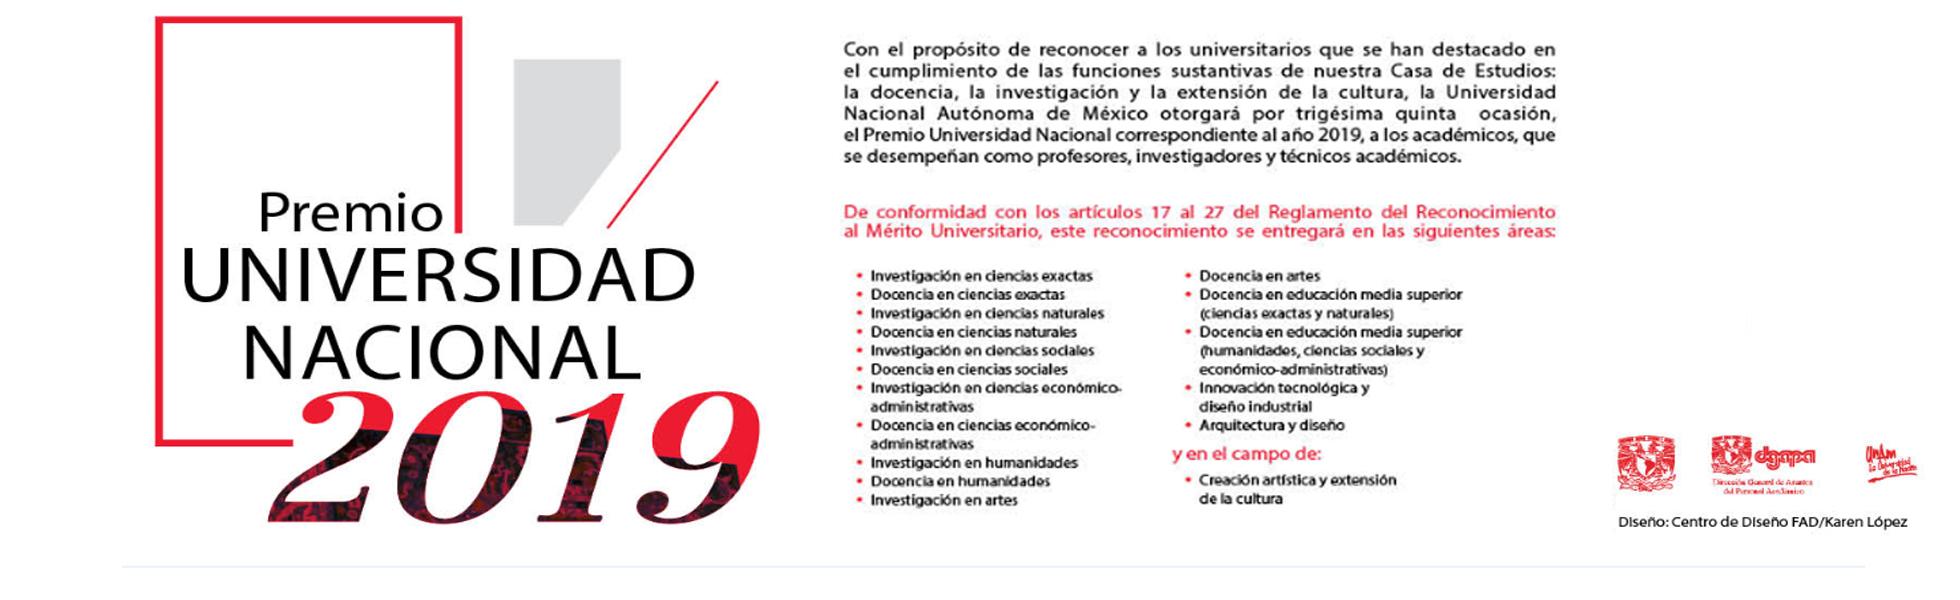 Premio Universidad Nacional 2019